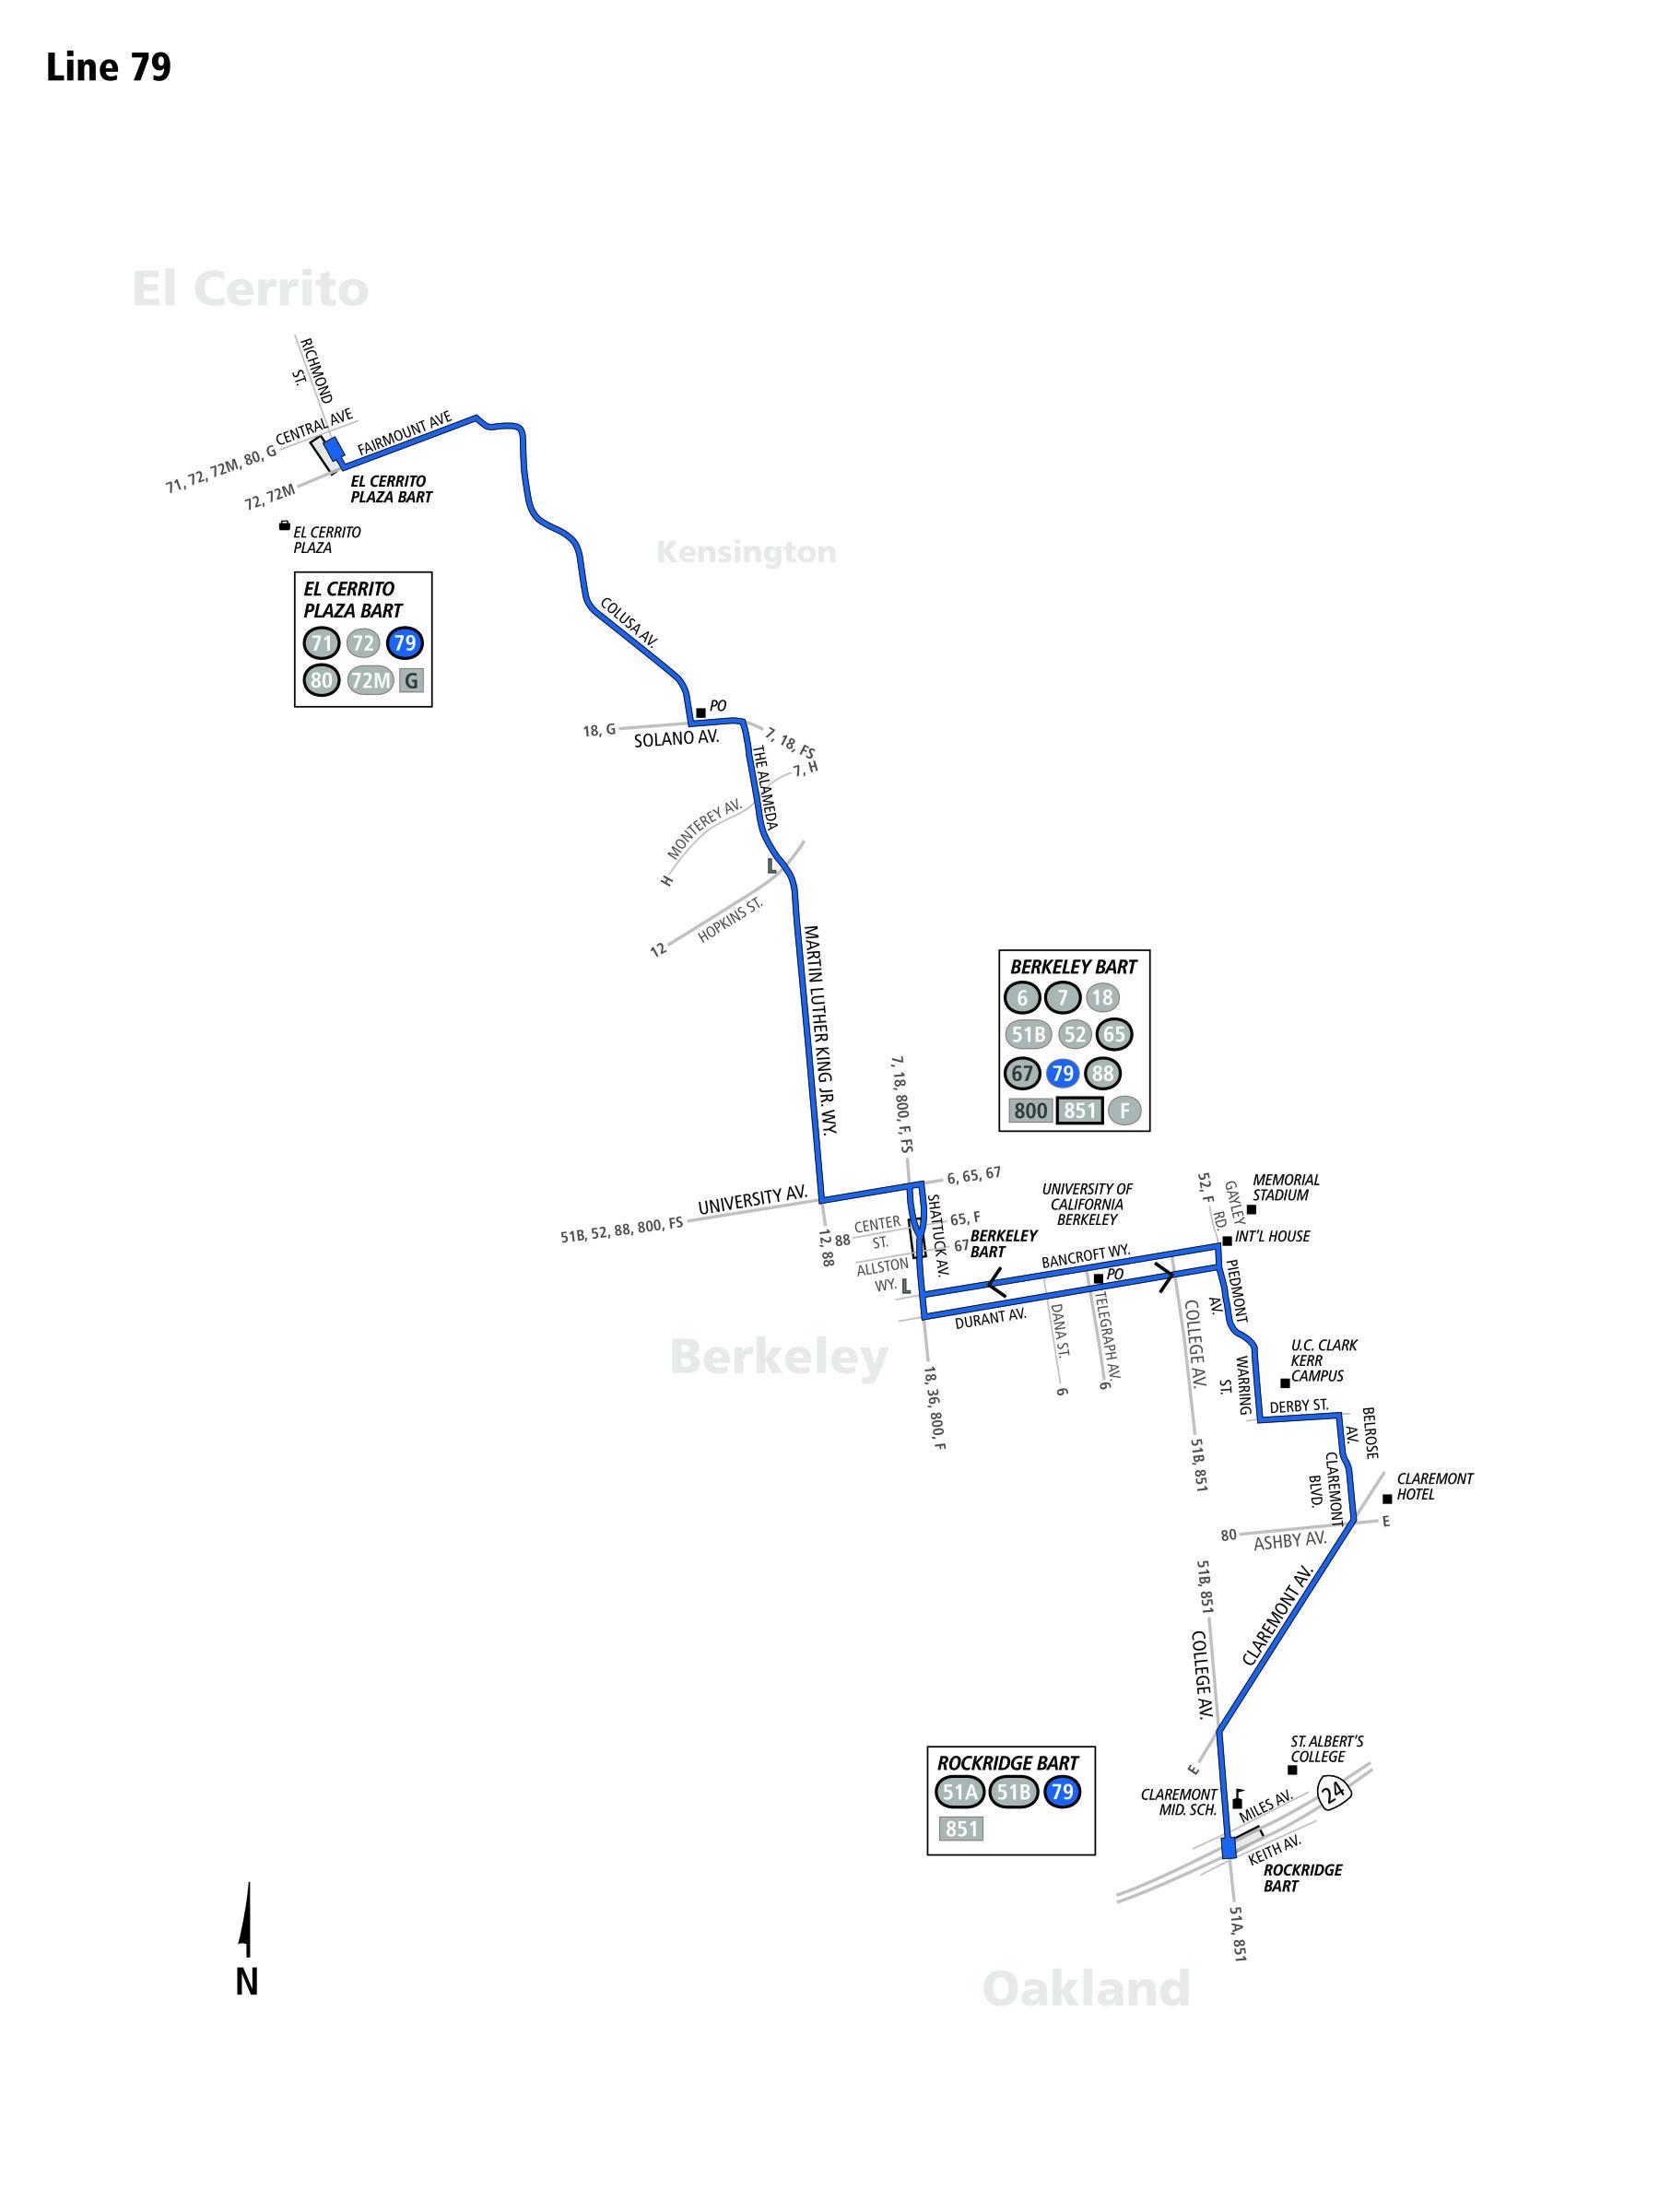 79 Bus Schedule Ac Transit Sf Bay Transit